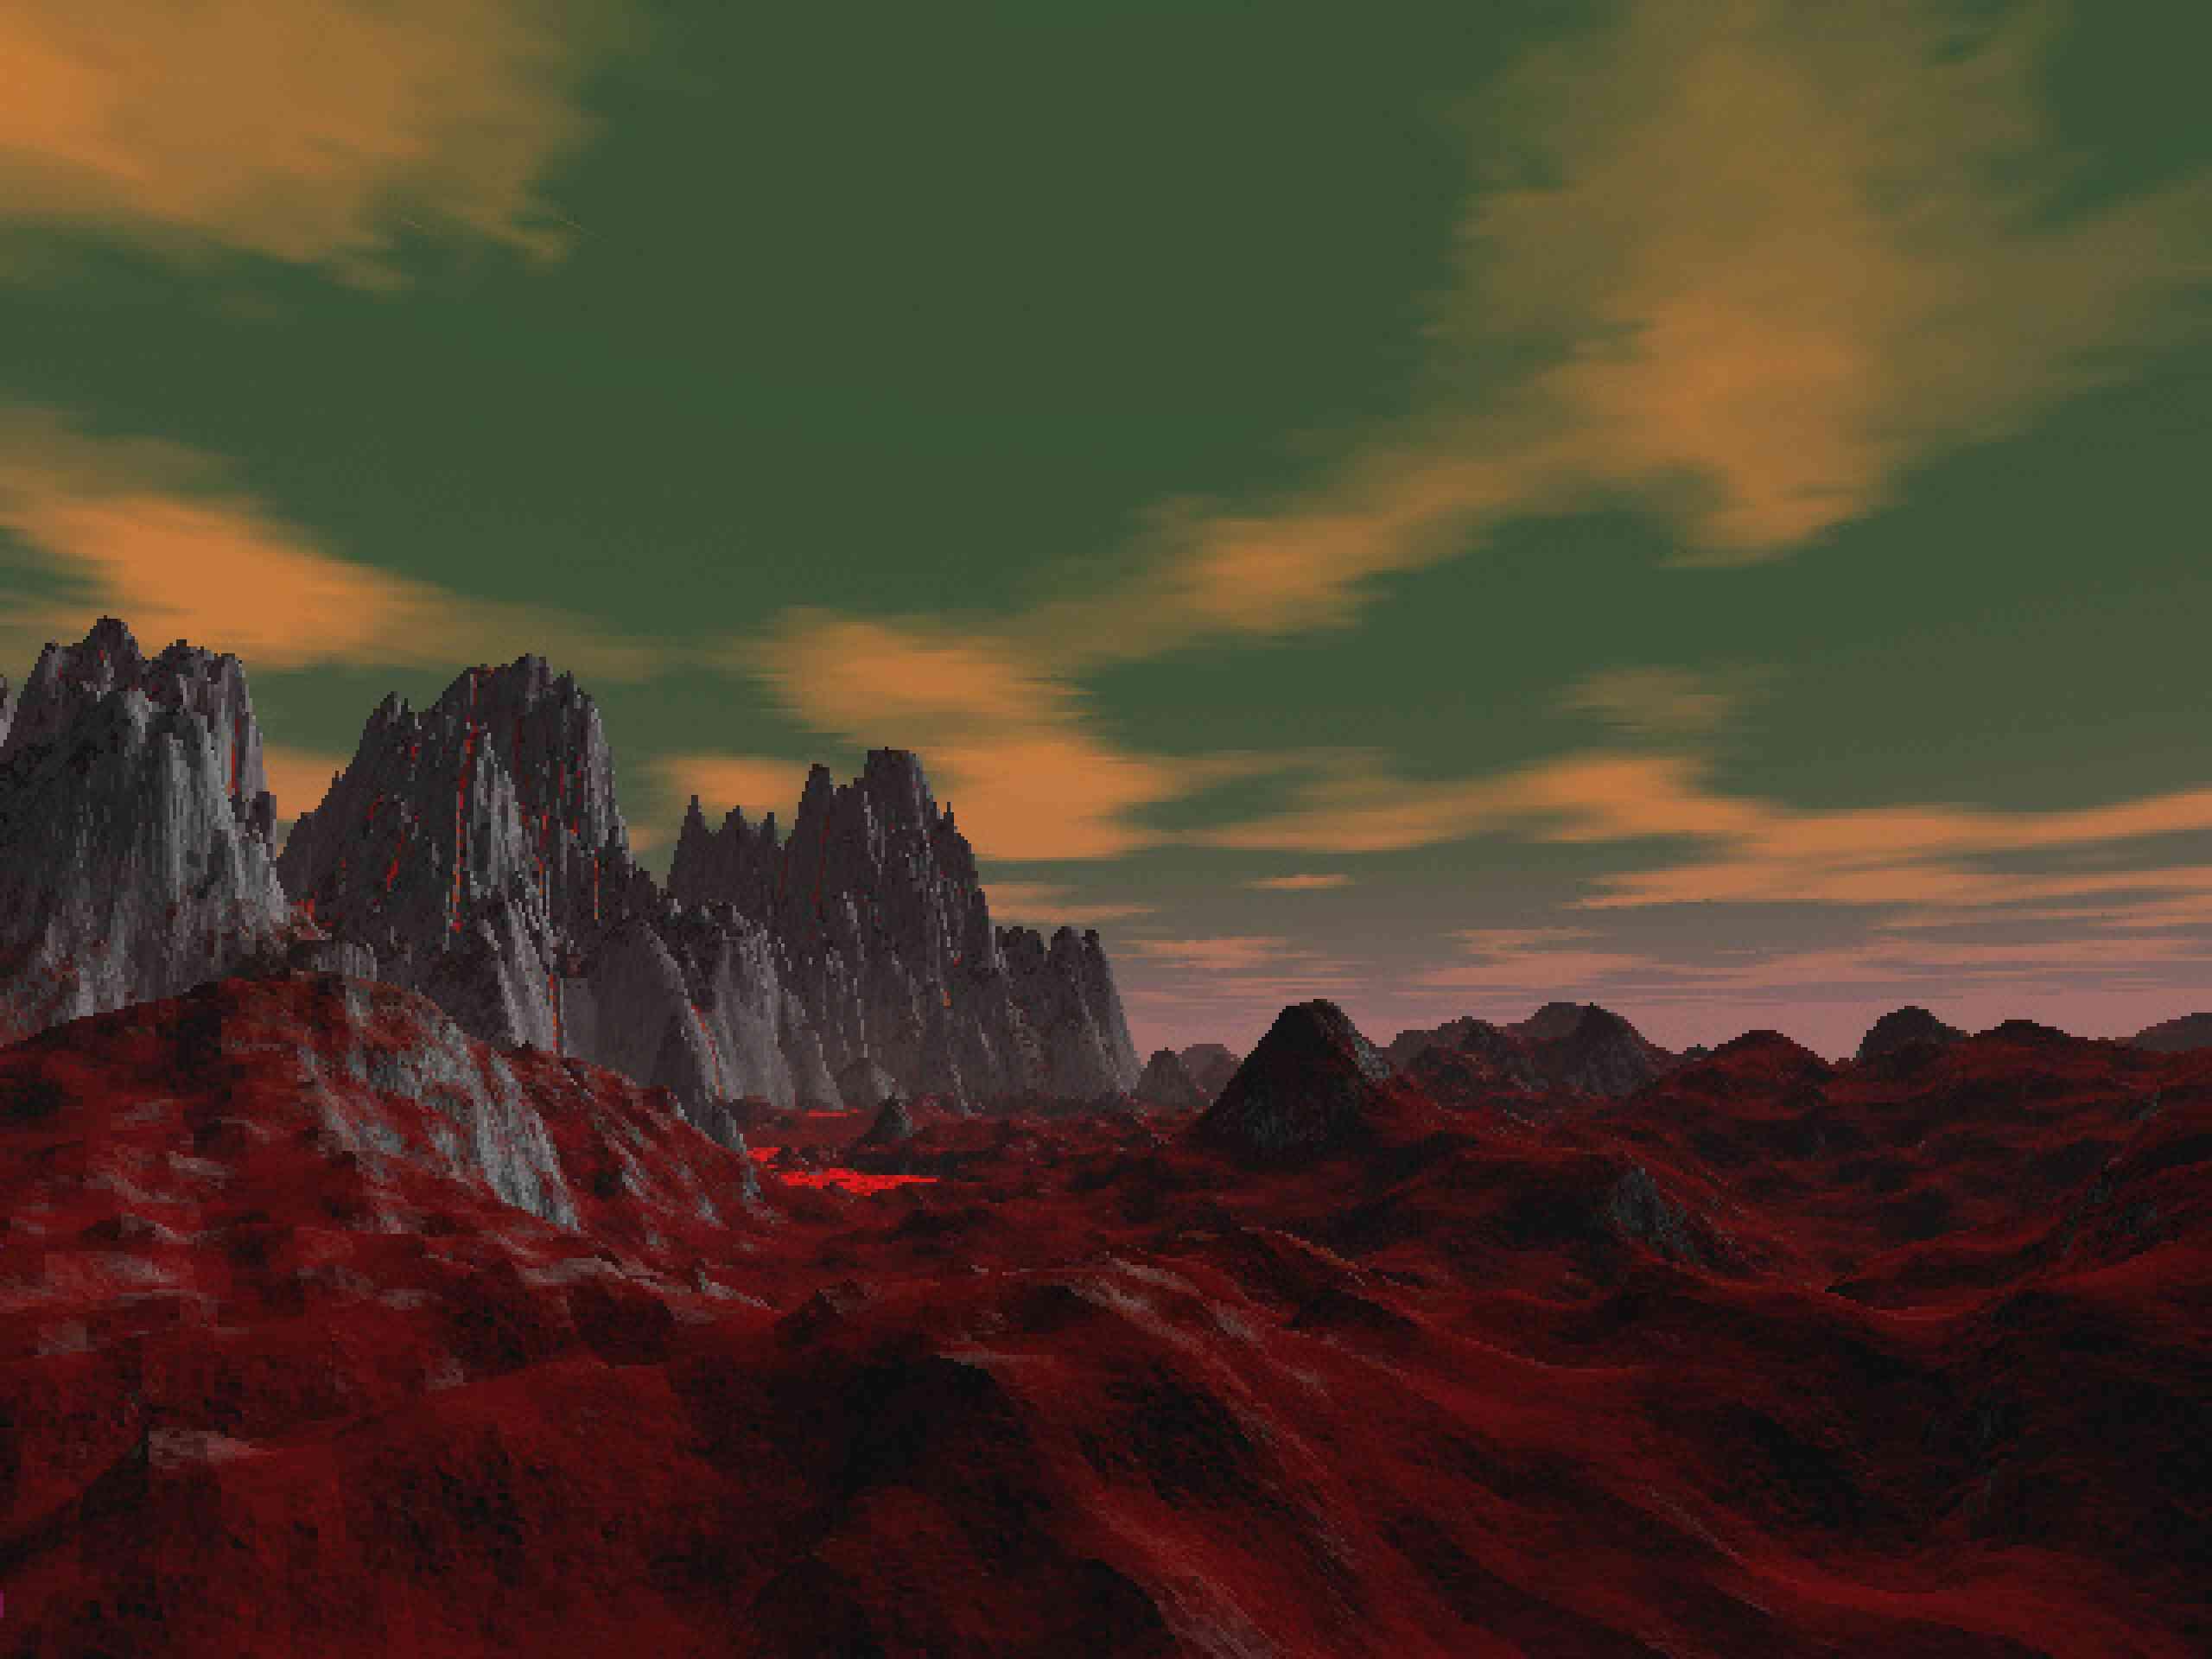 1280-93-lvolcano.jpg